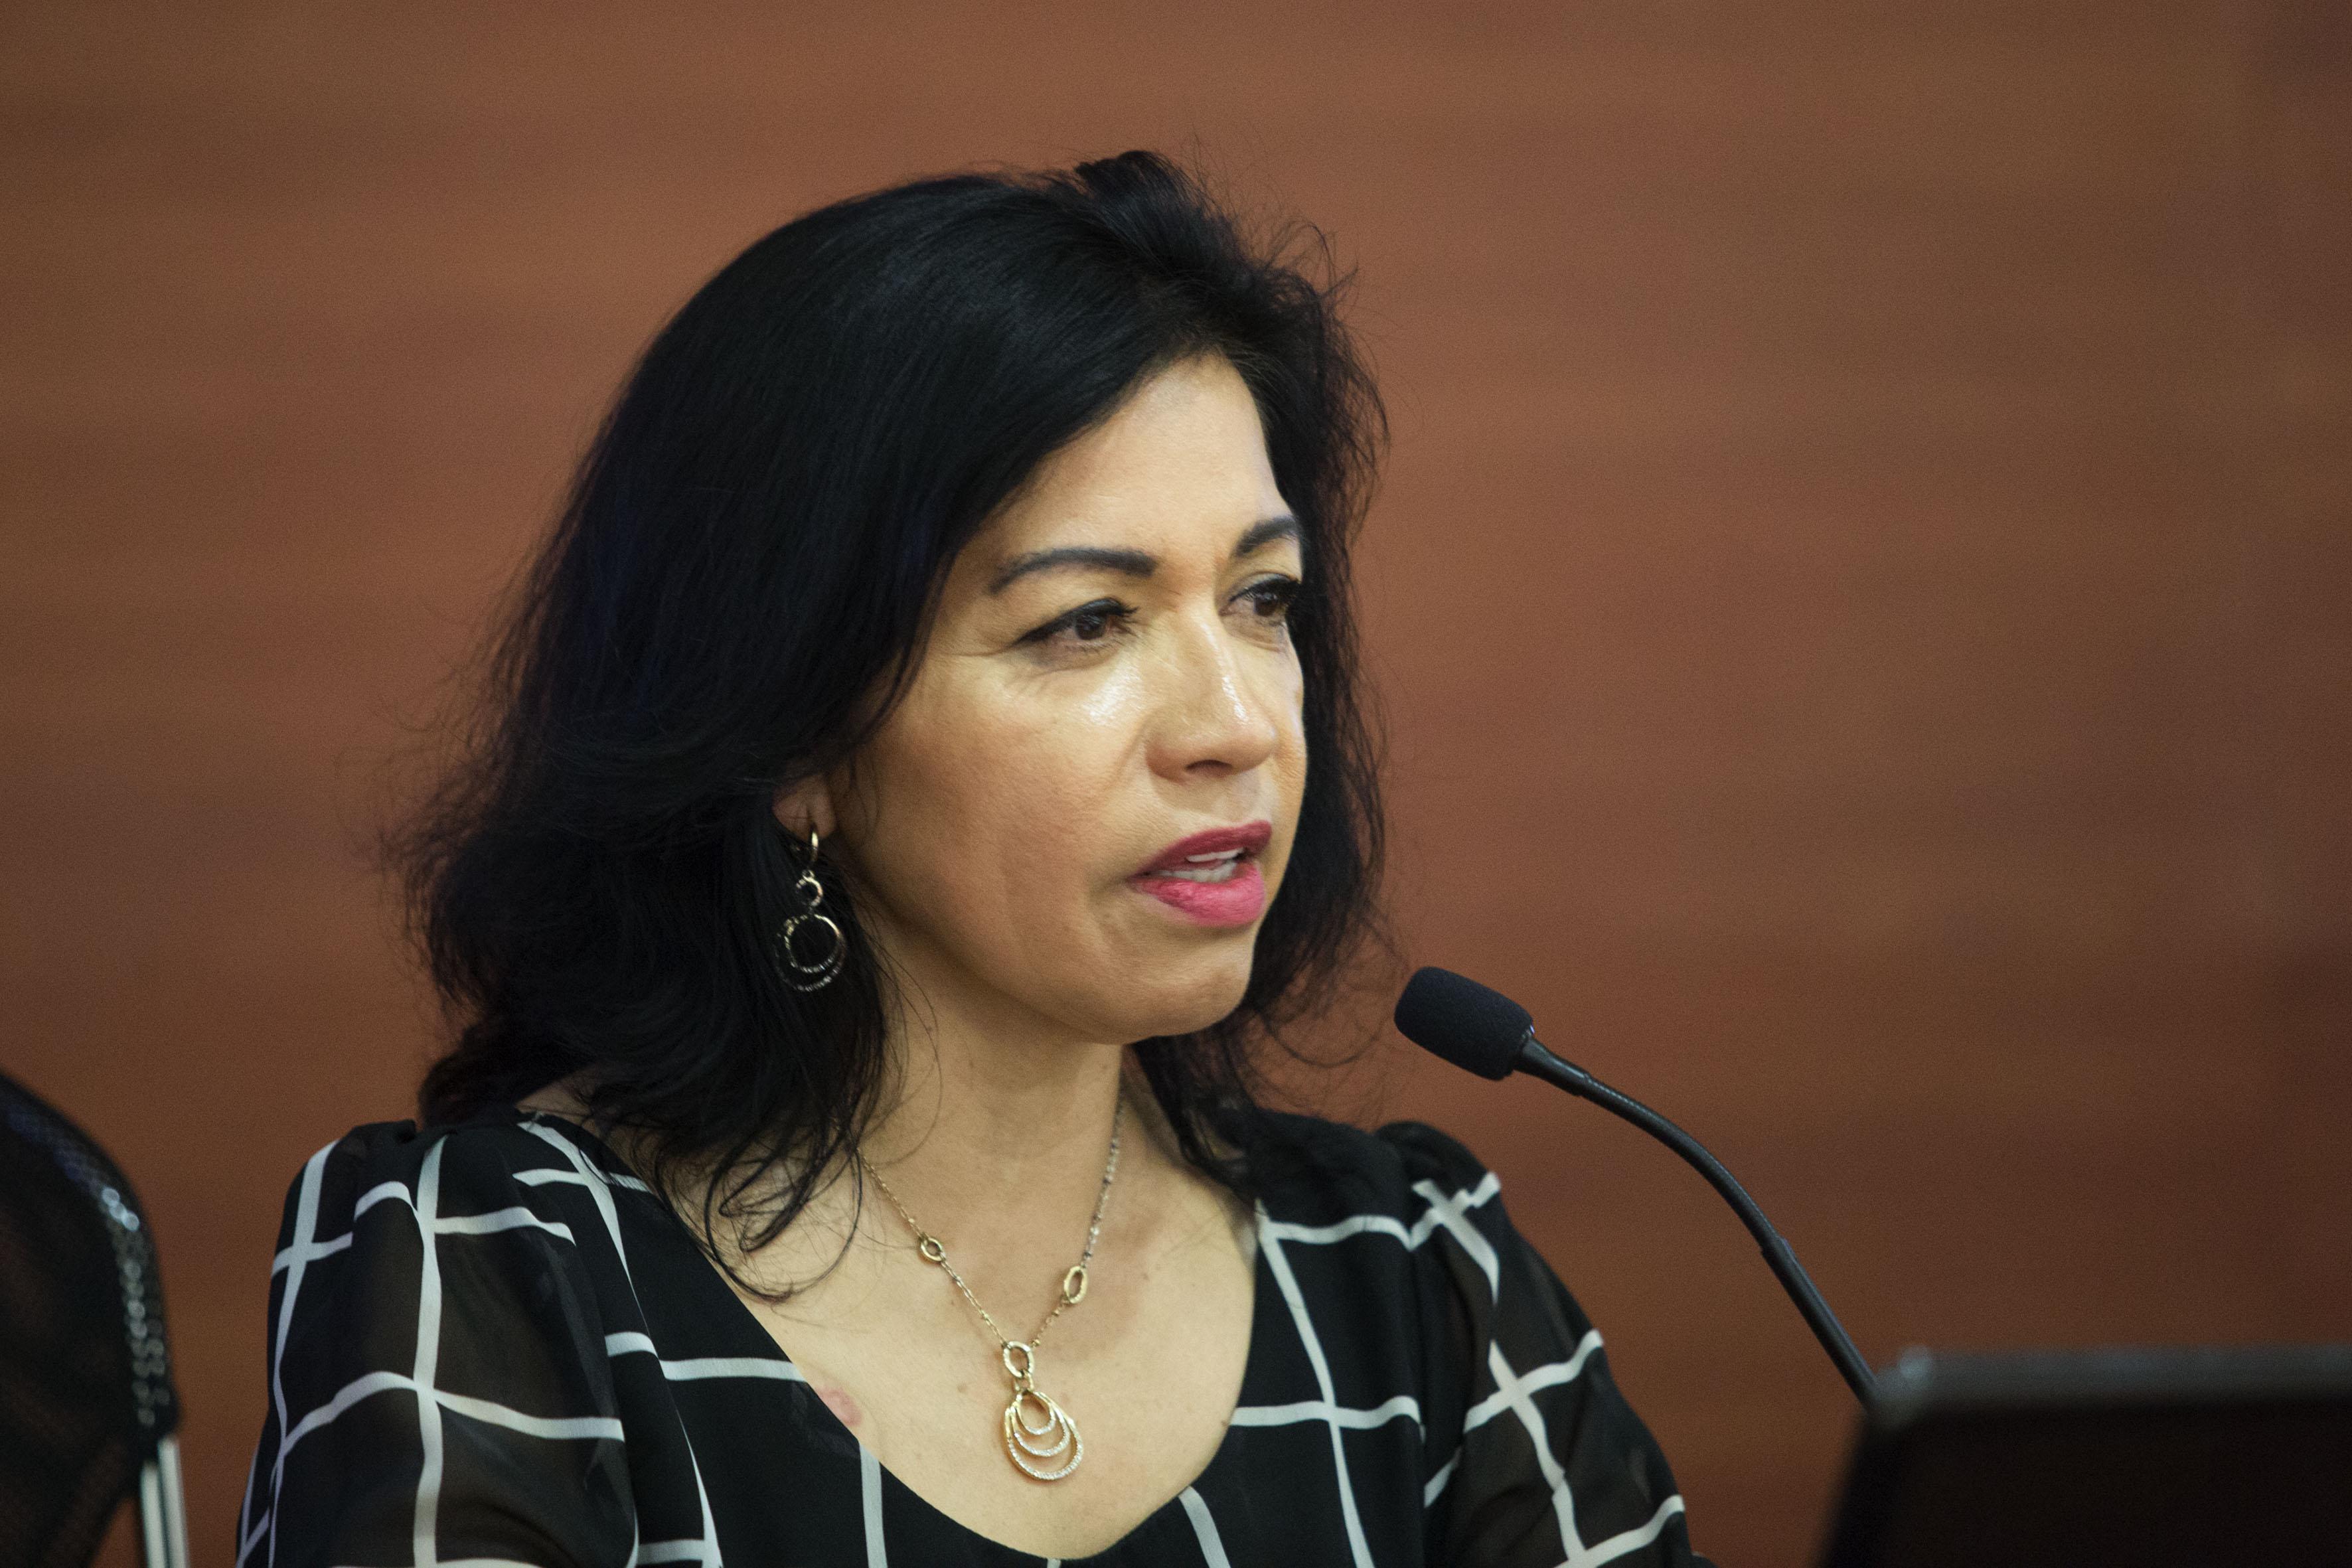 Dra. María Carmela Chávez Galindo, especialista en el tema y académica del Centro Universitario de Ciencias Sociales y Humanidades (CUCSH), de la UdeG, haciendo uso de la palabra